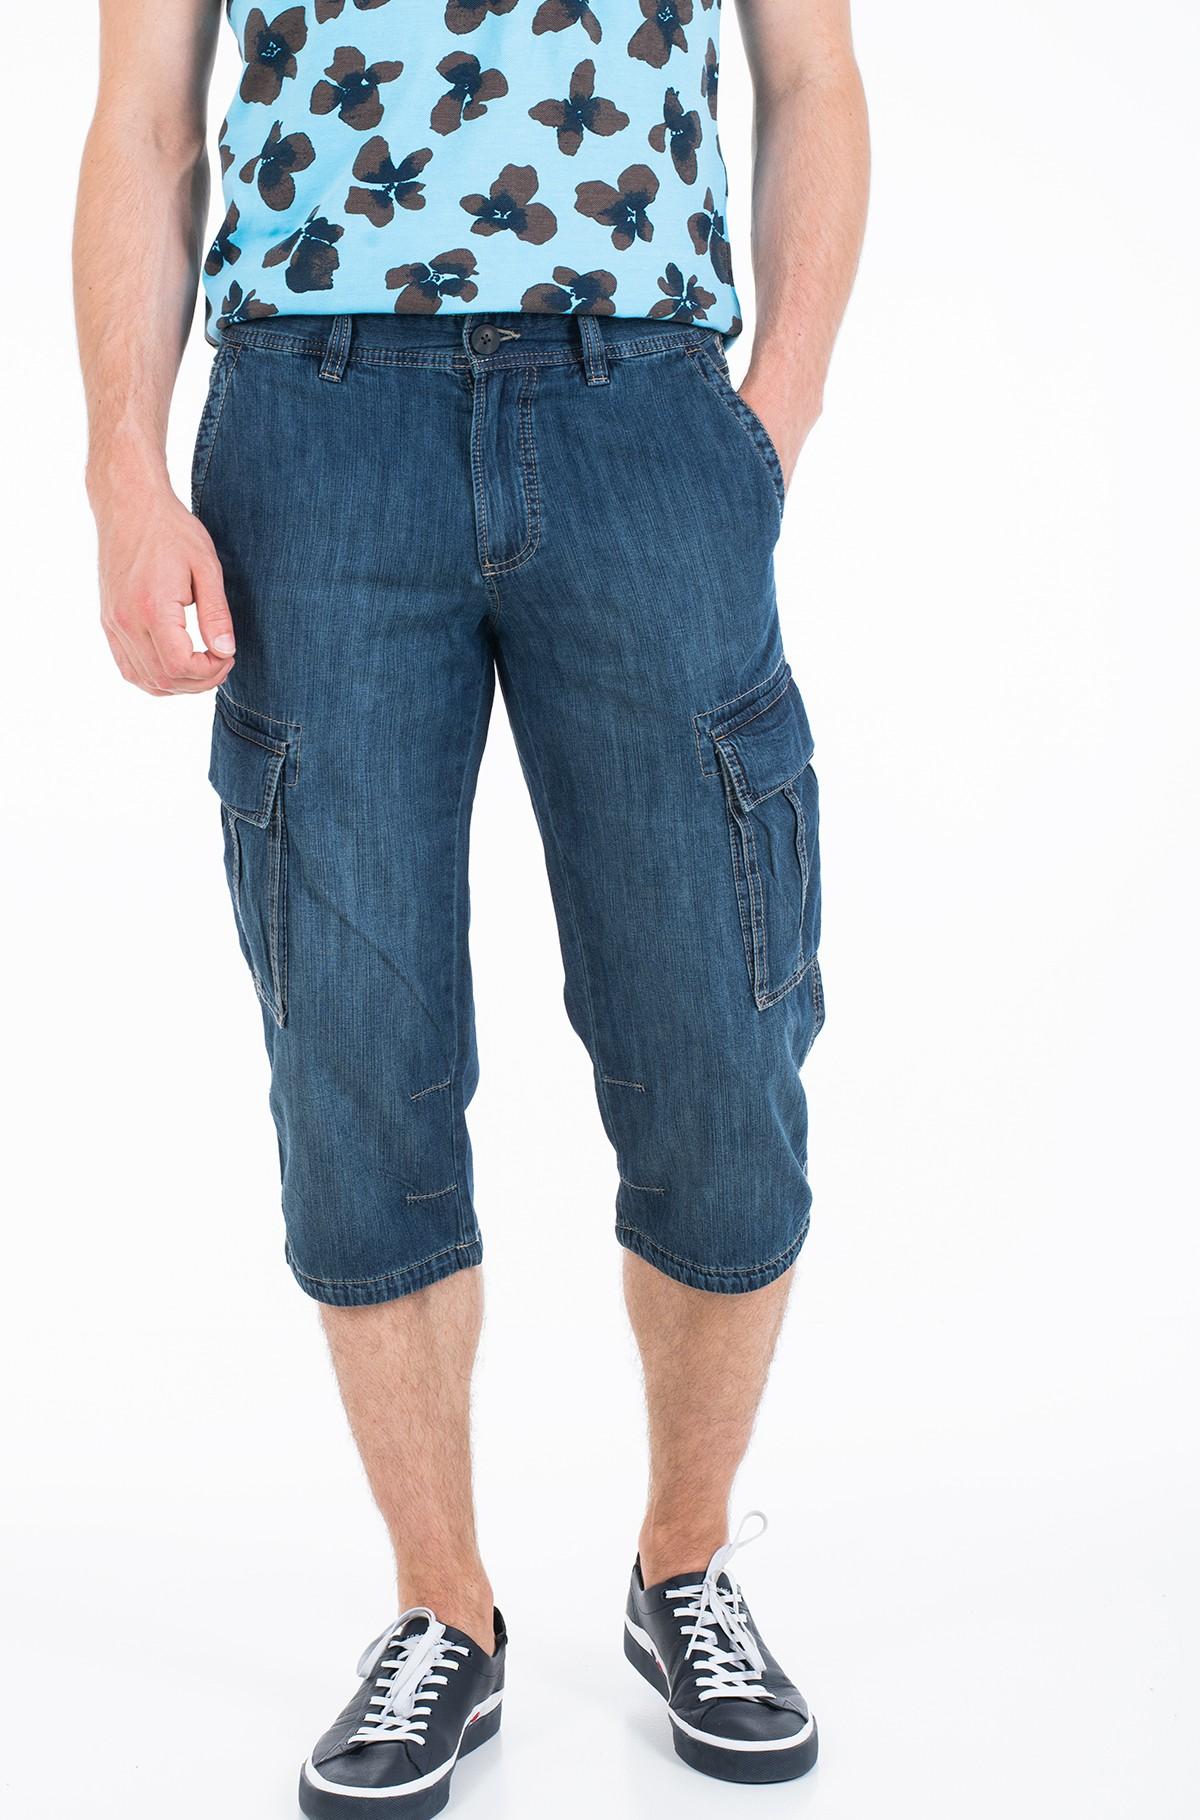 Lühikesed teksapüksid 496600/3R01-full-1